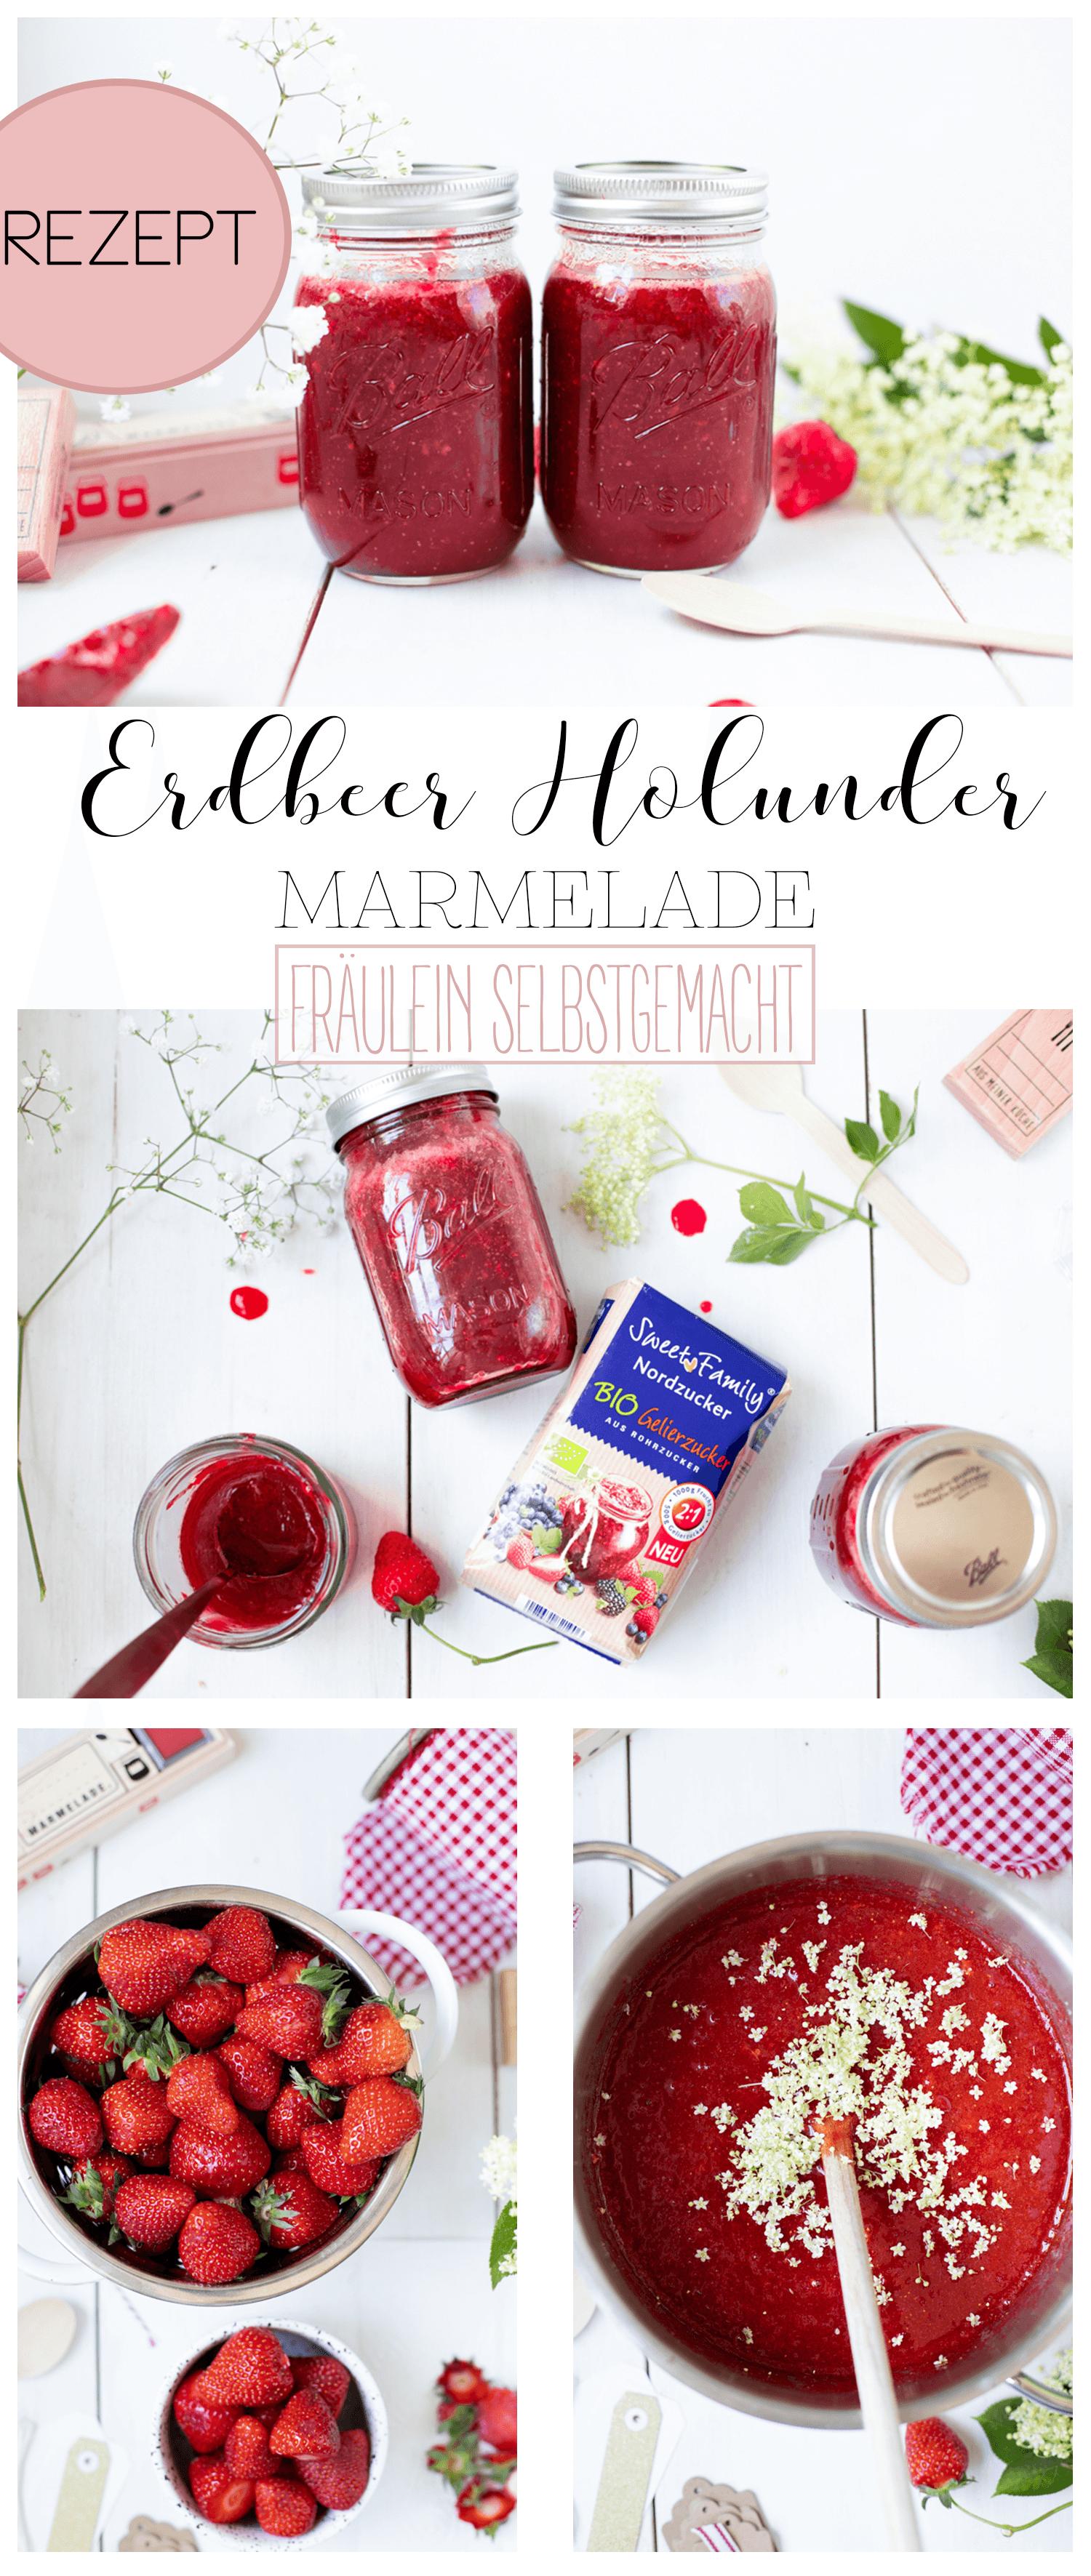 erdbeer_holunder_marmelade